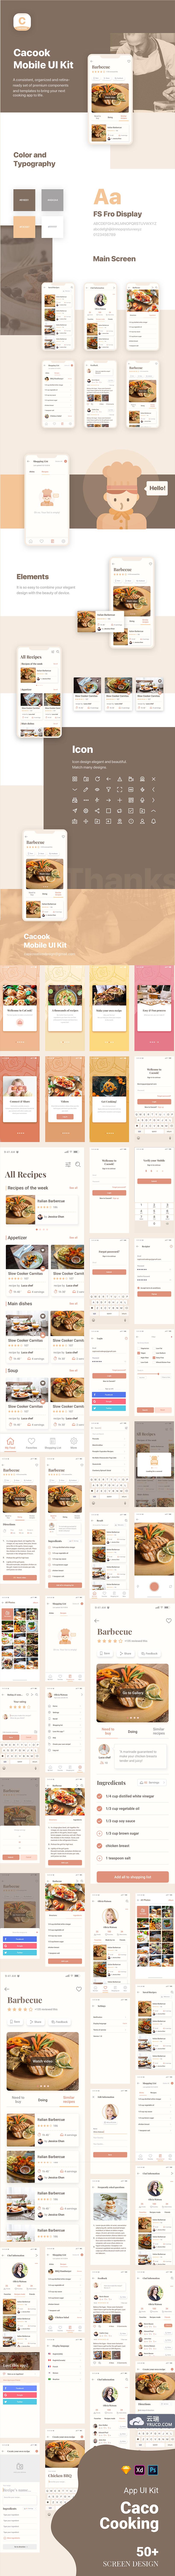 高端美食类 美食定制  相关Caco Cooking UI Kit